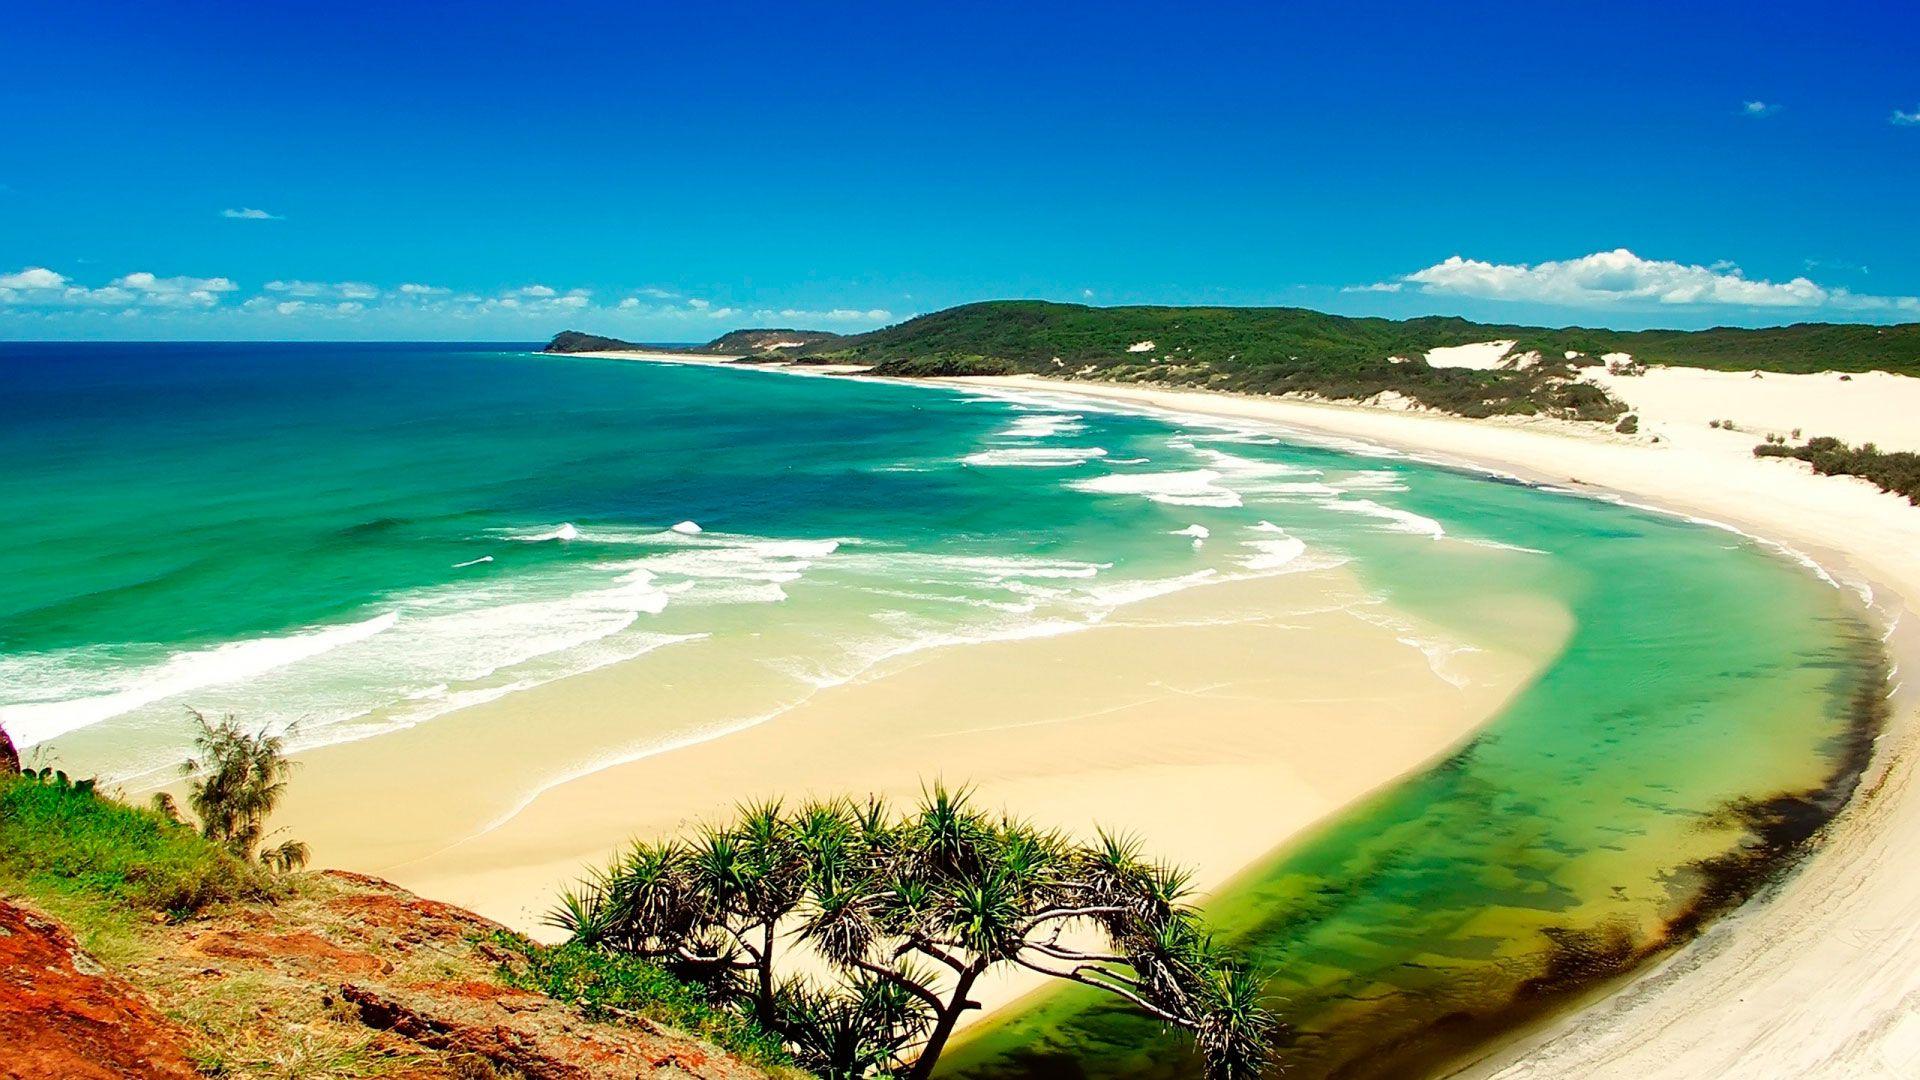 Похожее изображение   Seas & Oceans   Обои с пляжем, Пляж ...